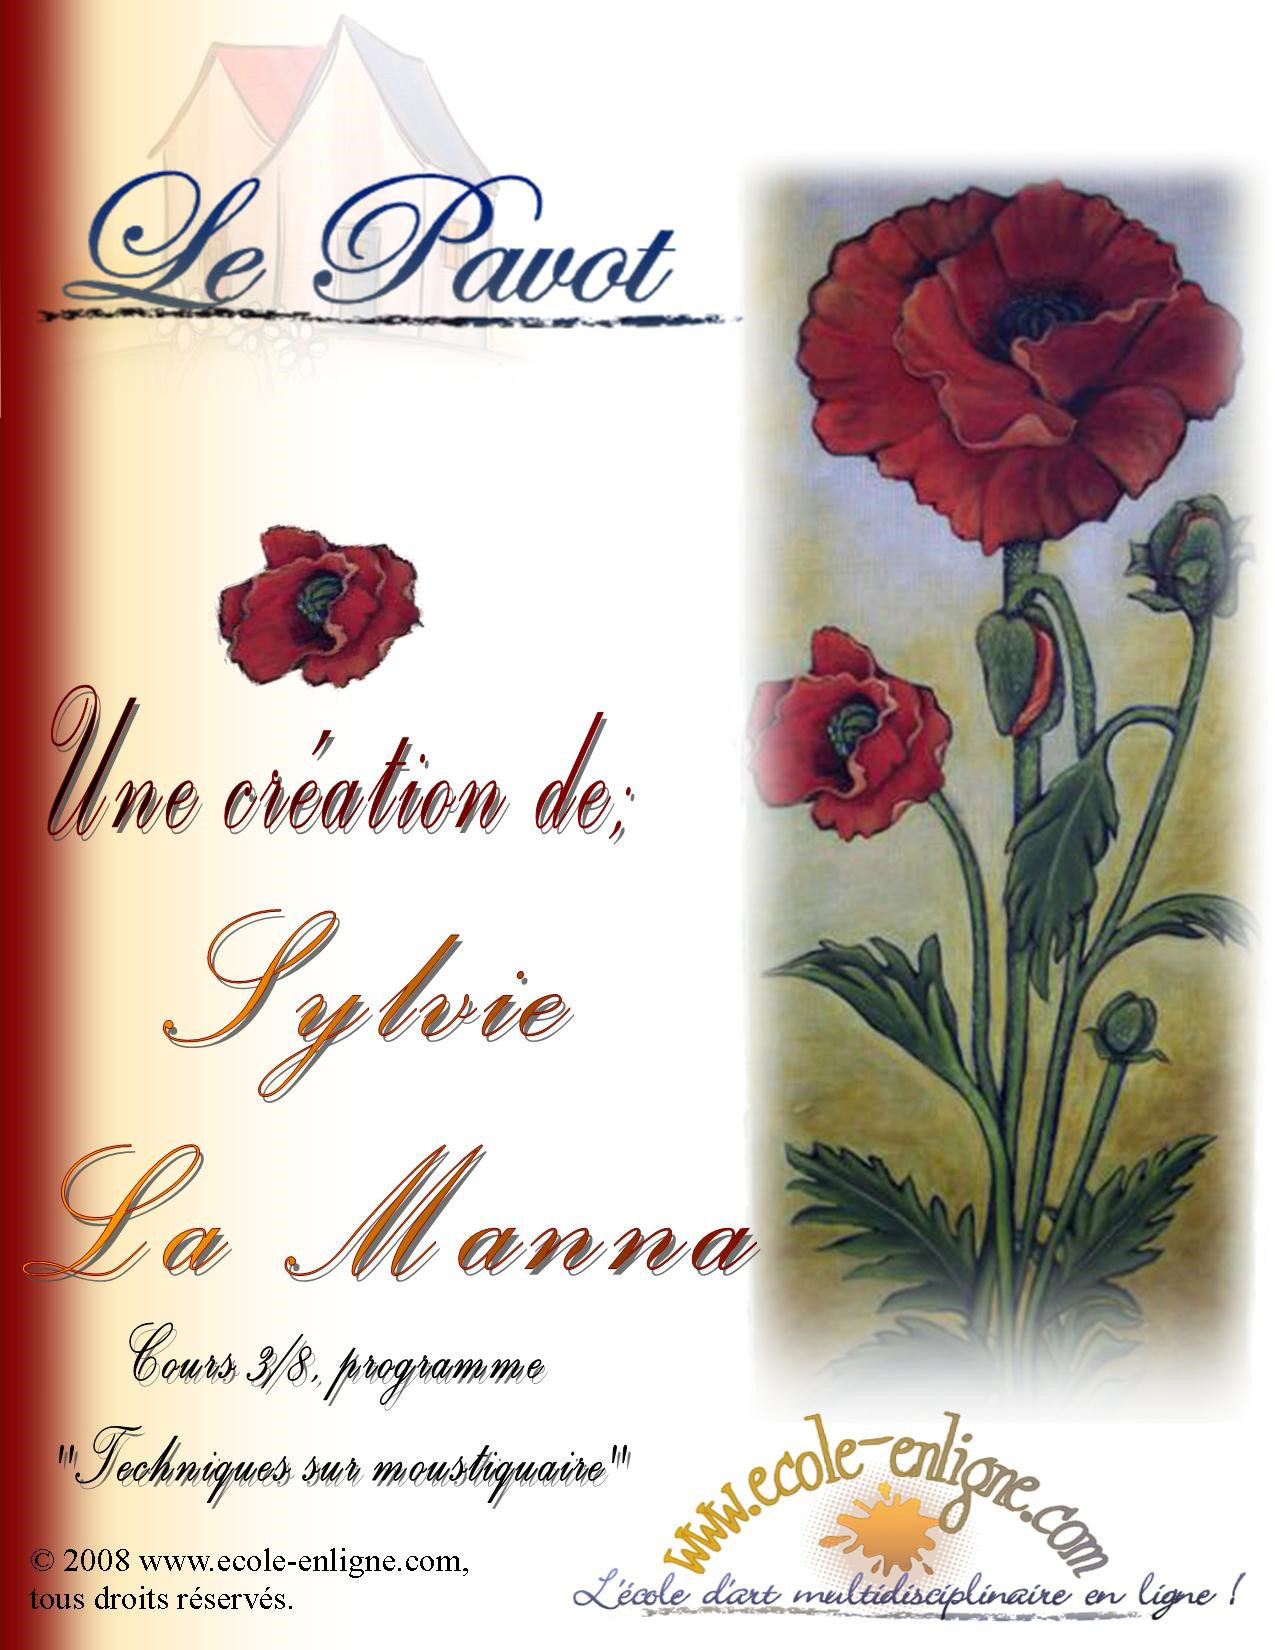 Le pavot - Sylvie La Manna